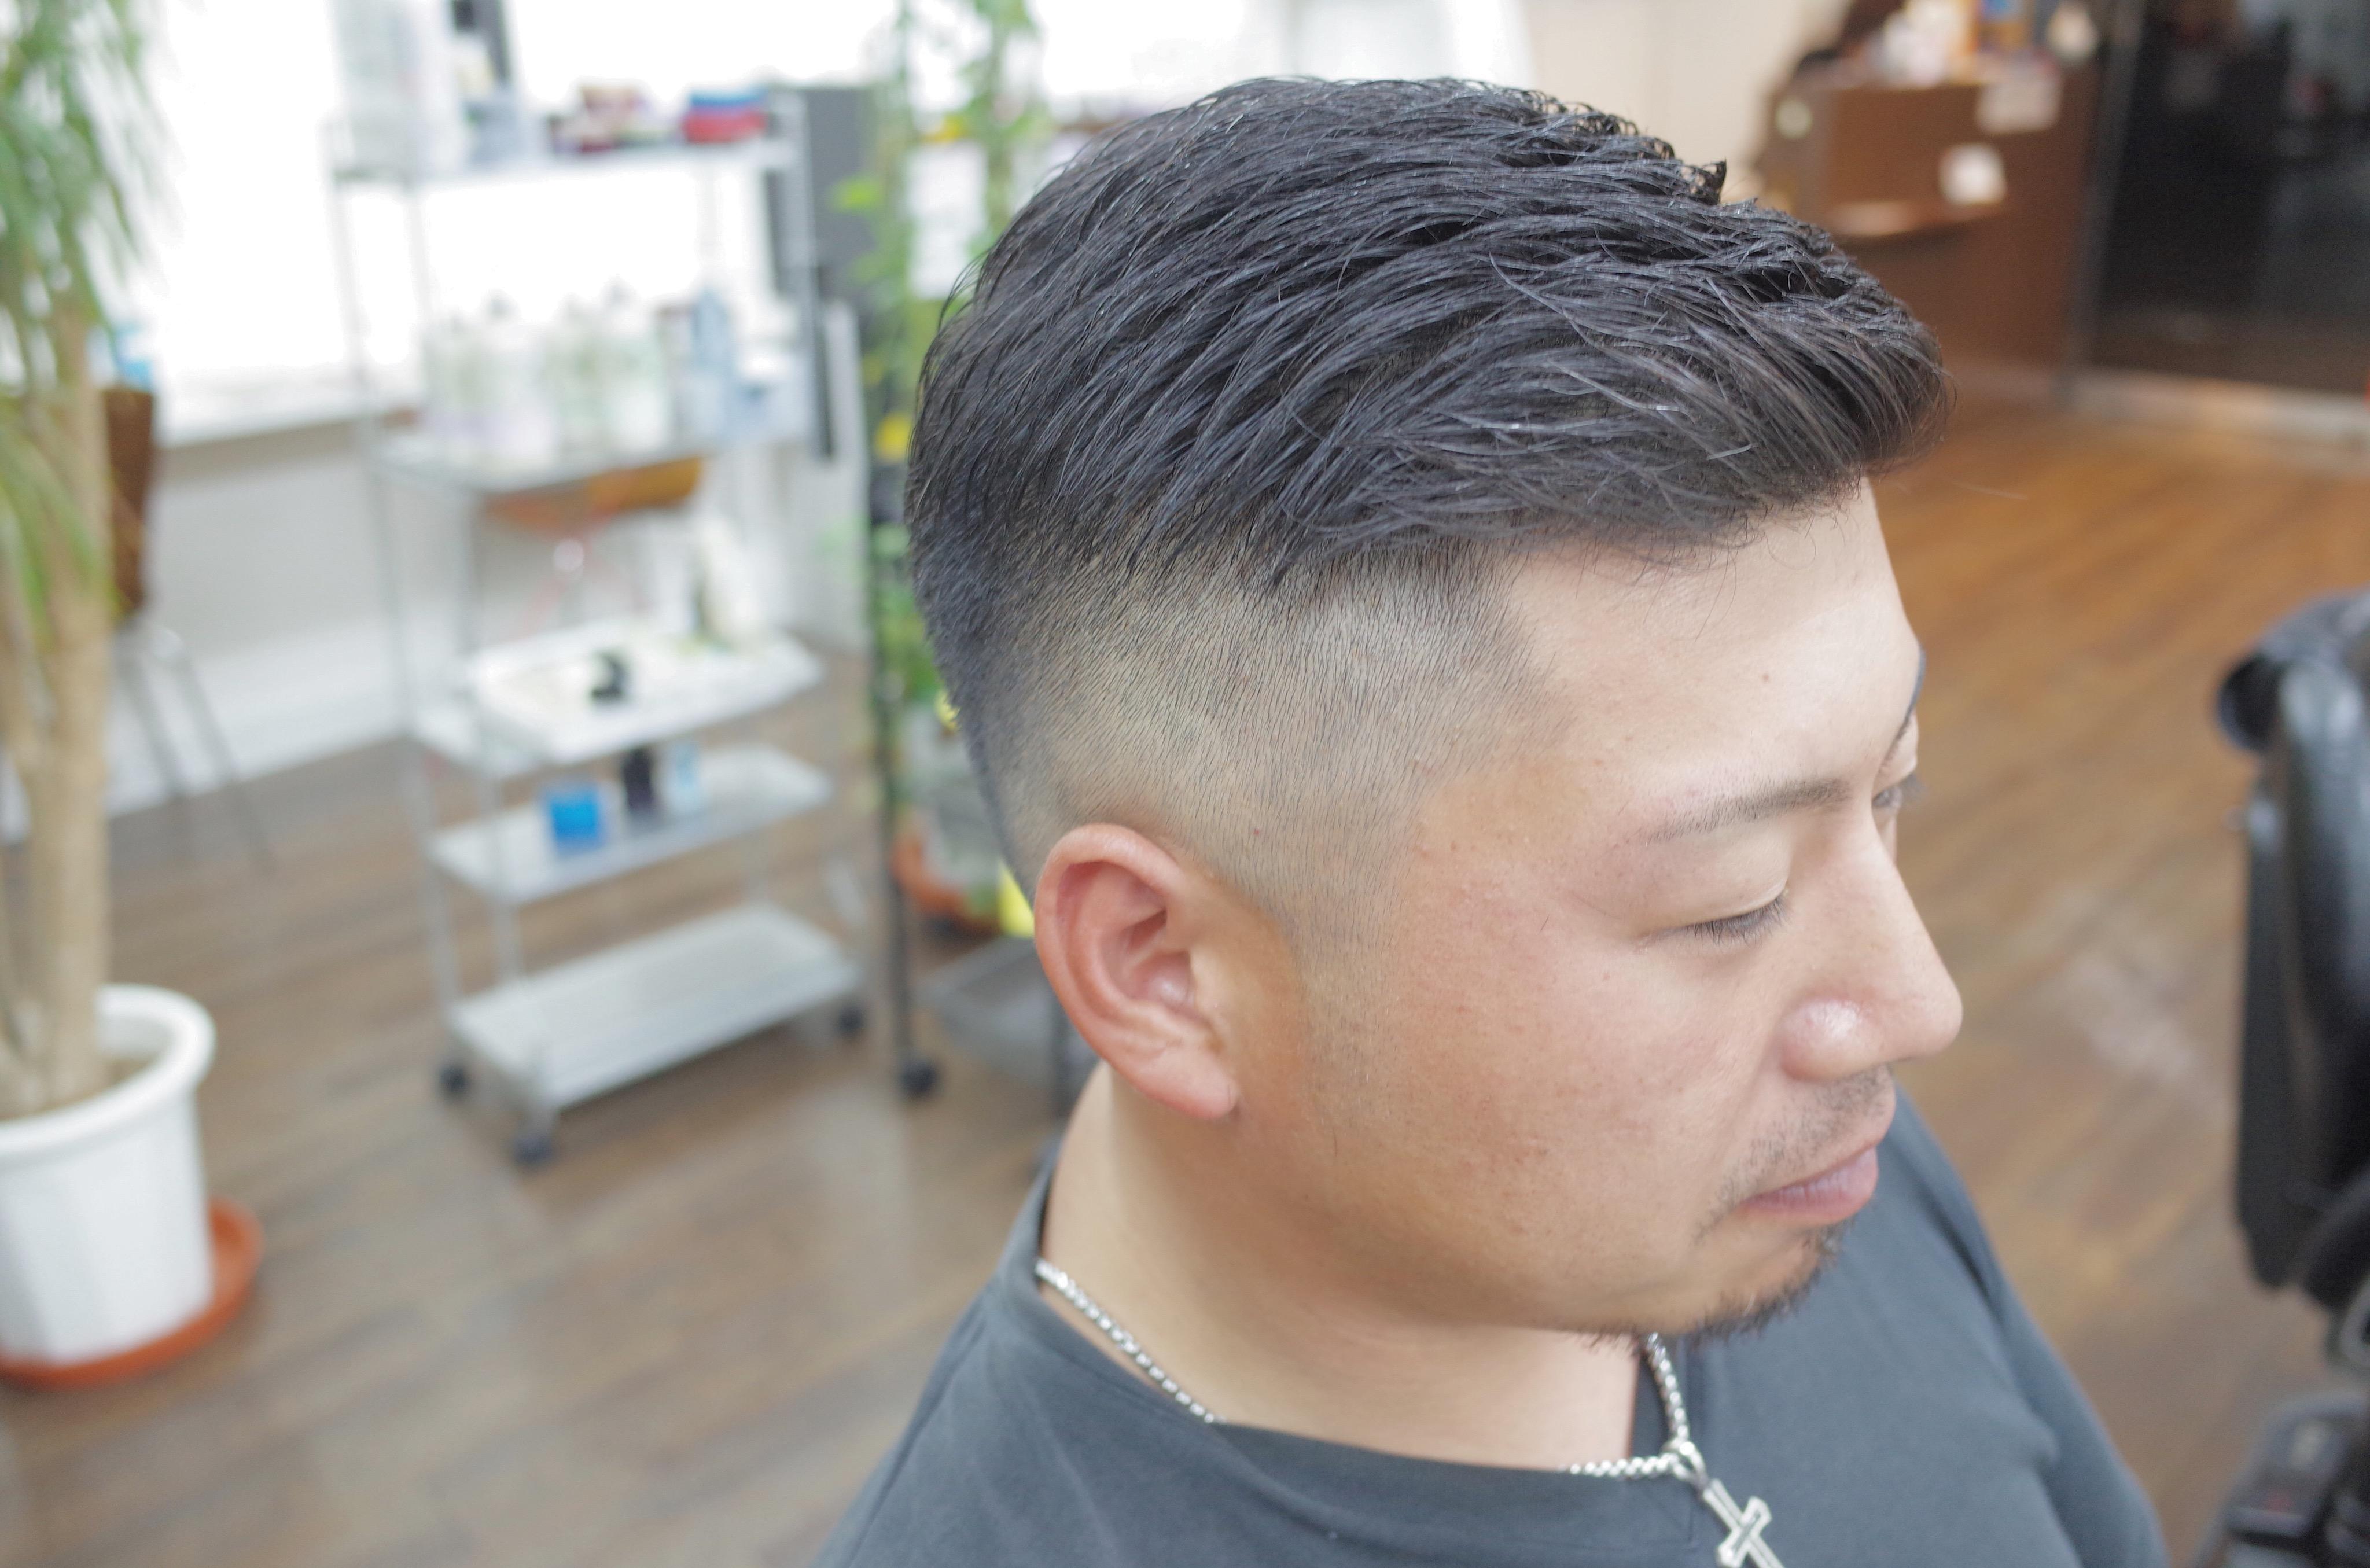 ケンコバの髪型を斜め前から見た写真